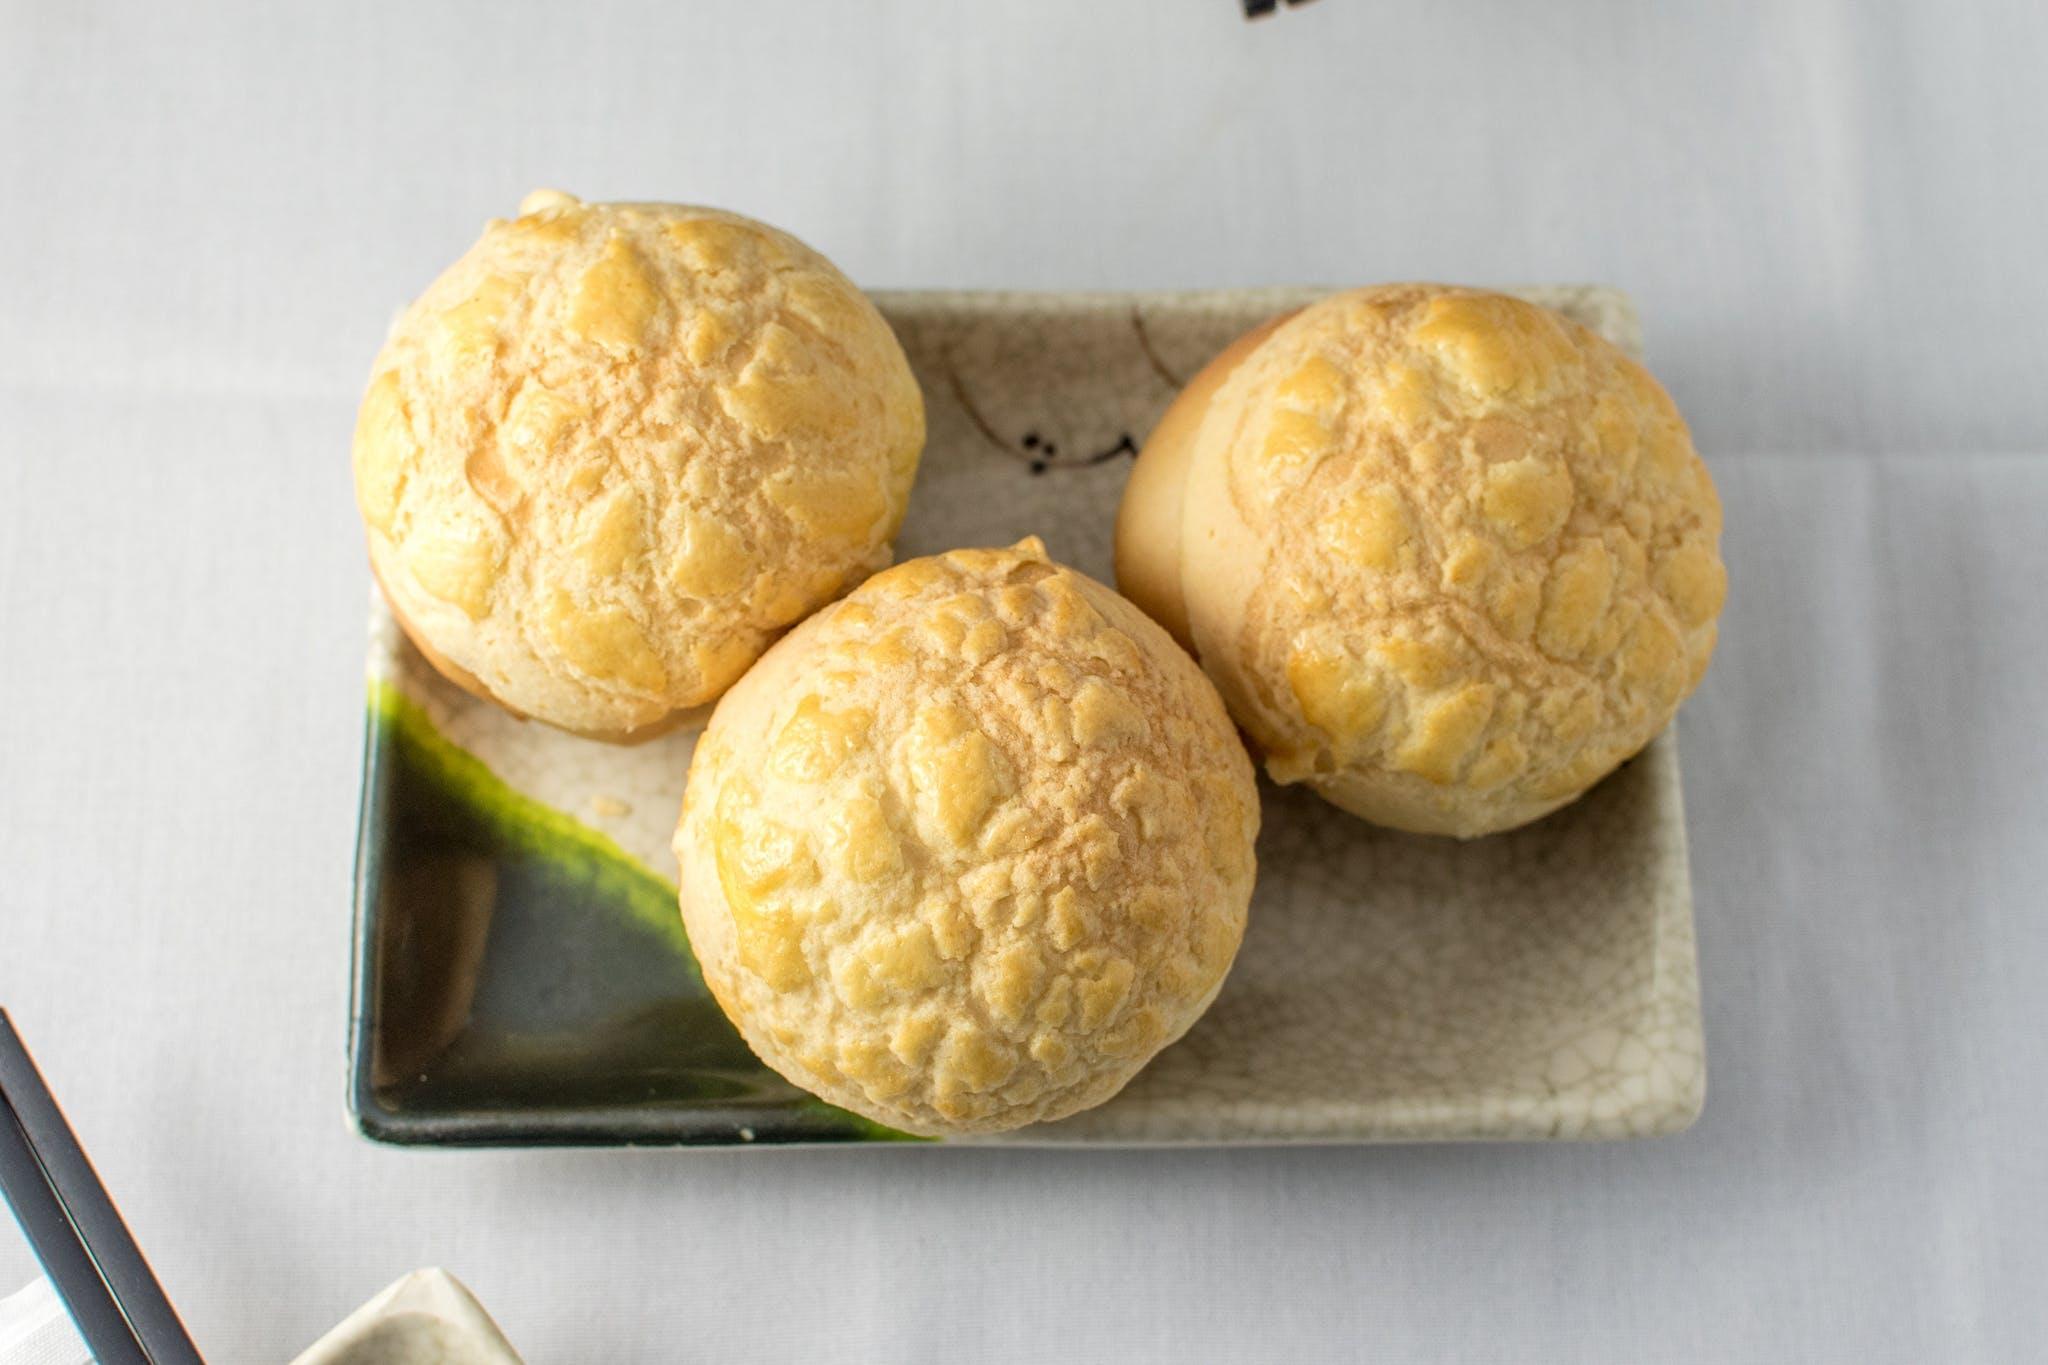 45. Egg Yolk Paste Bun (V) from Nani Restaurant in Madison, WI